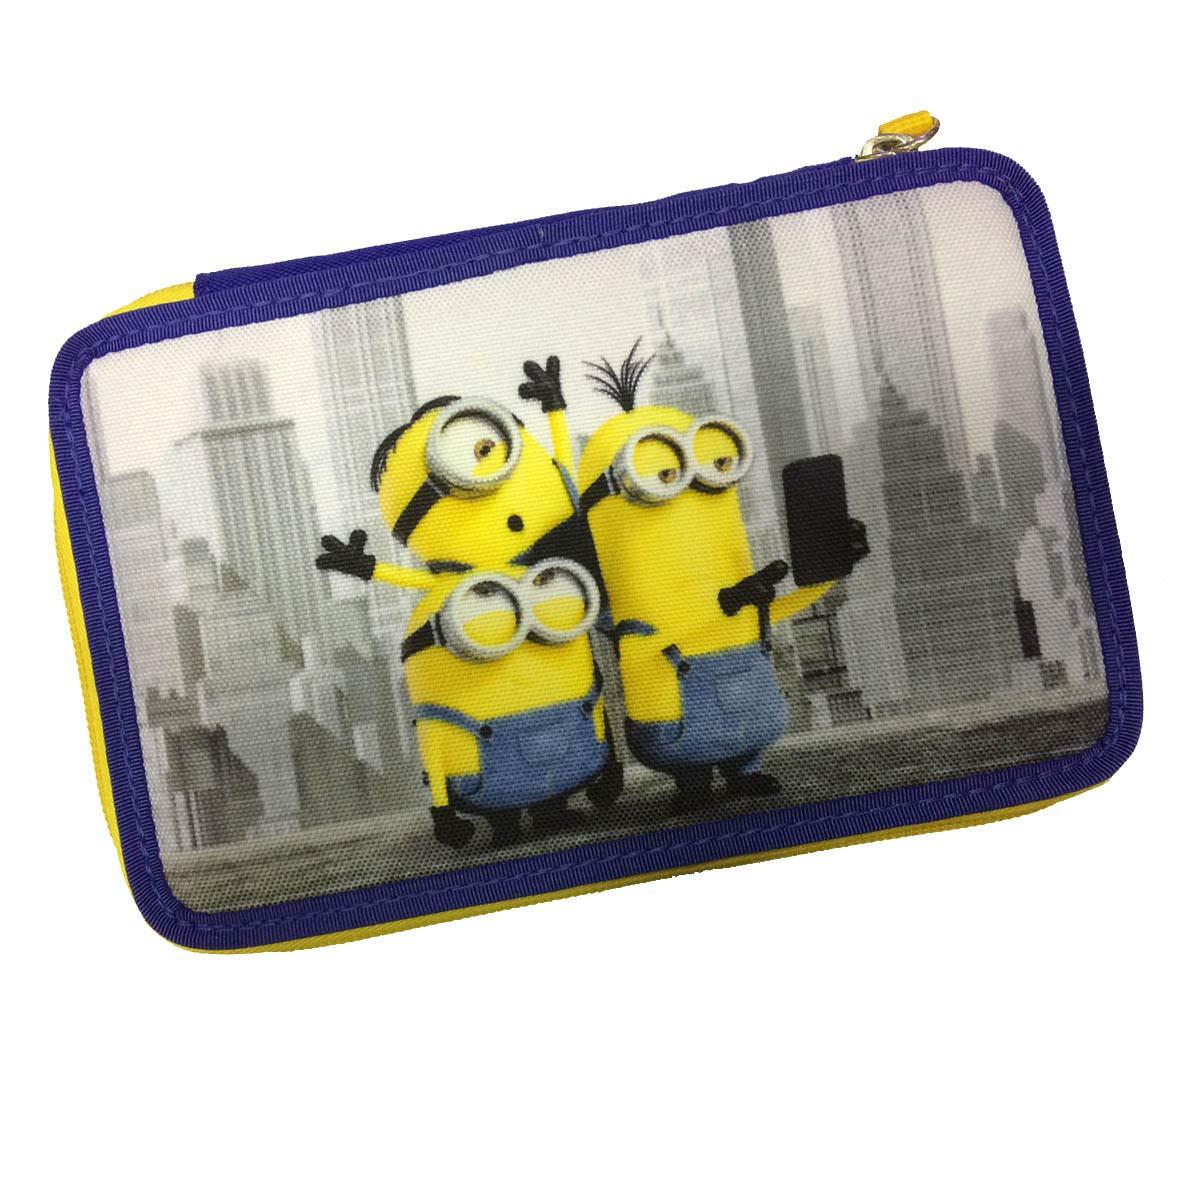 Estuche completo 3 pisos Minions amarillo azul completo + llavero silbato: Amazon.es: Oficina y papelería